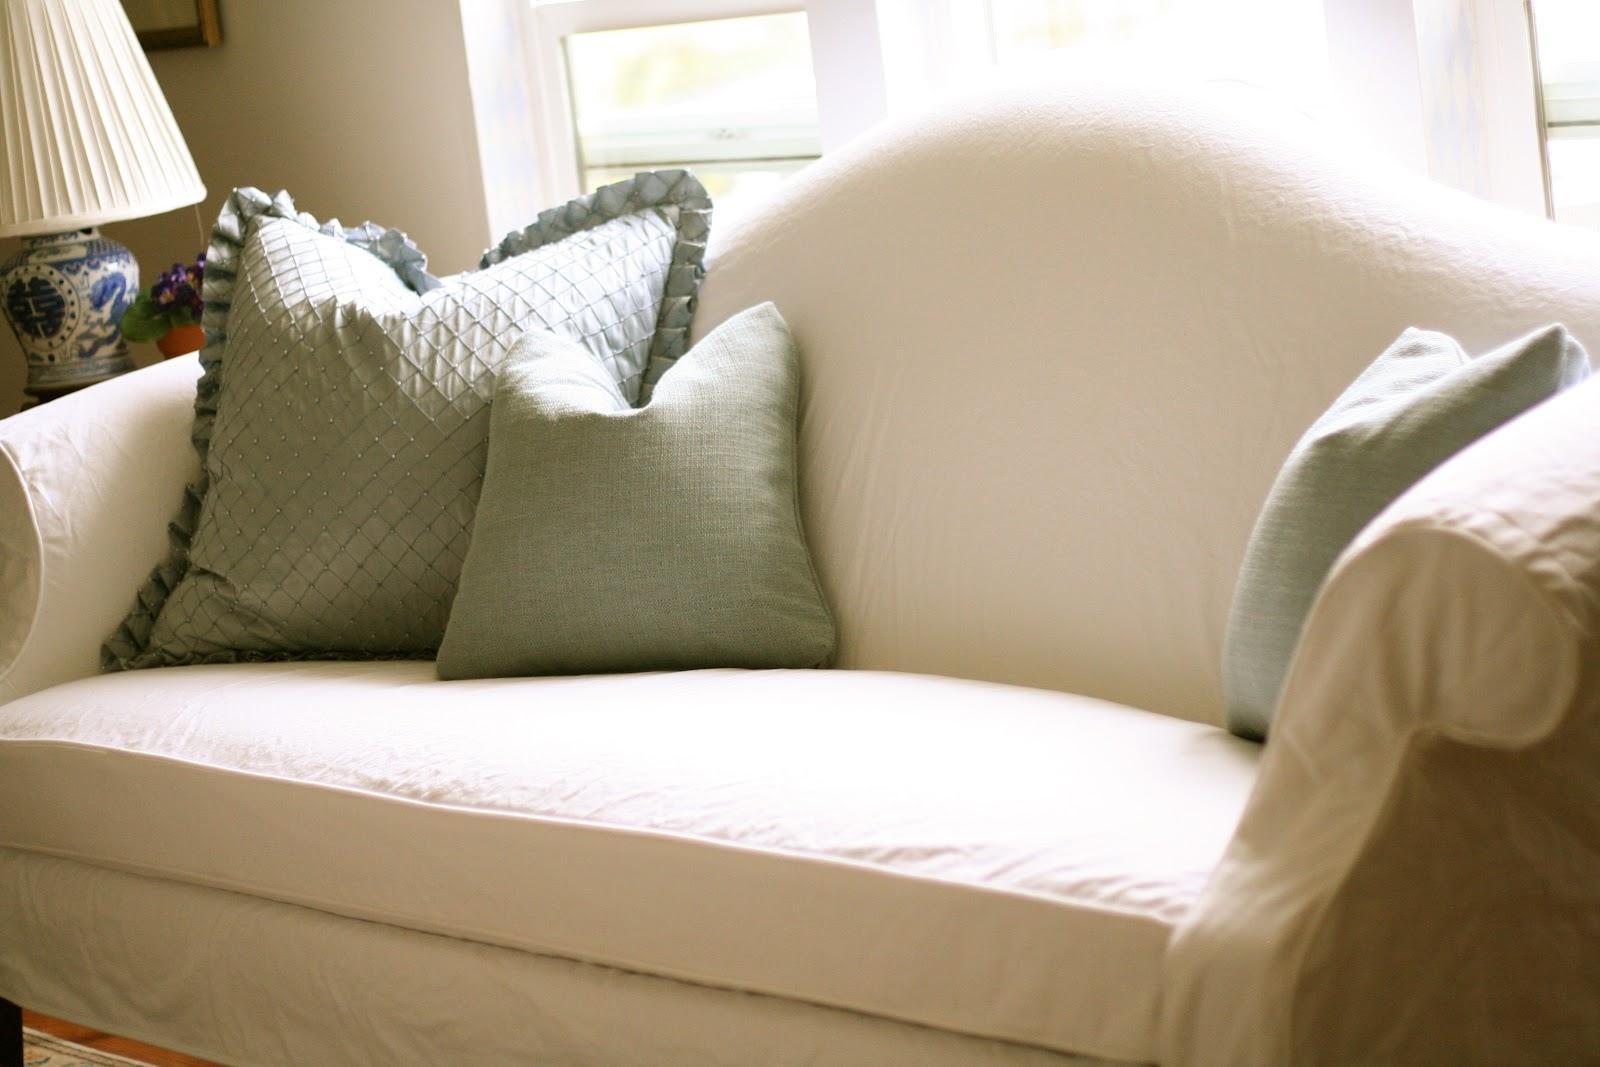 Slipcover For Camelback Sofa Sofa Cover For Camelback – Thesofa With Camelback Slipcovers (Image 14 of 20)